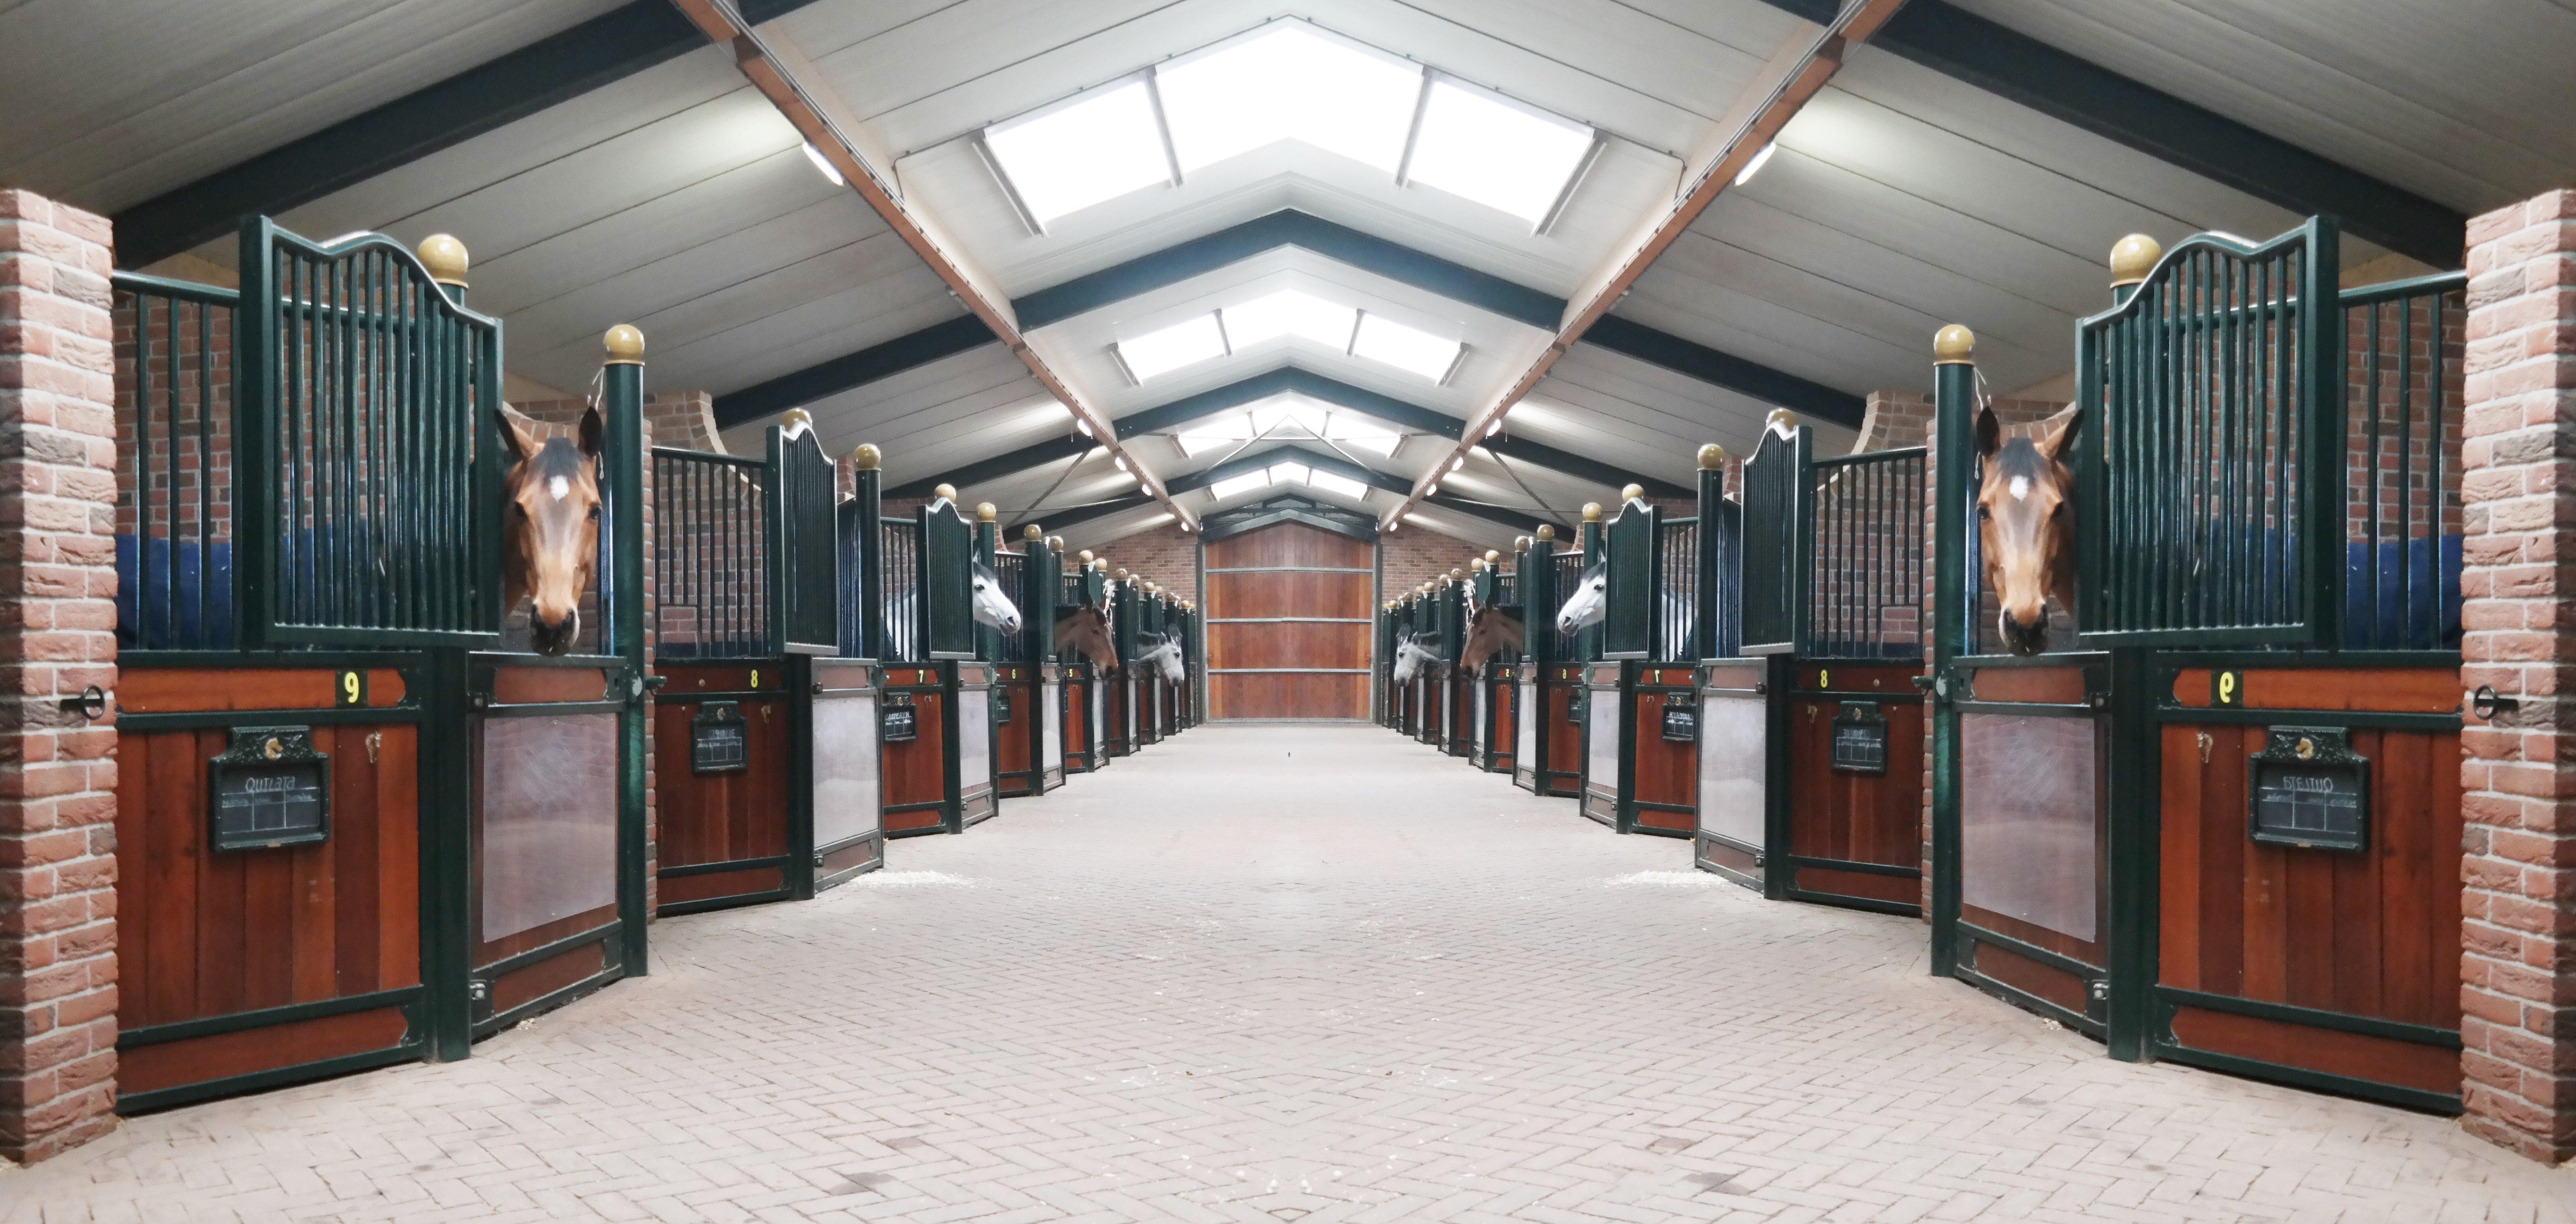 Luxe paardenbox op maat gemaakt door heass for Te koop woning met paardenstallen